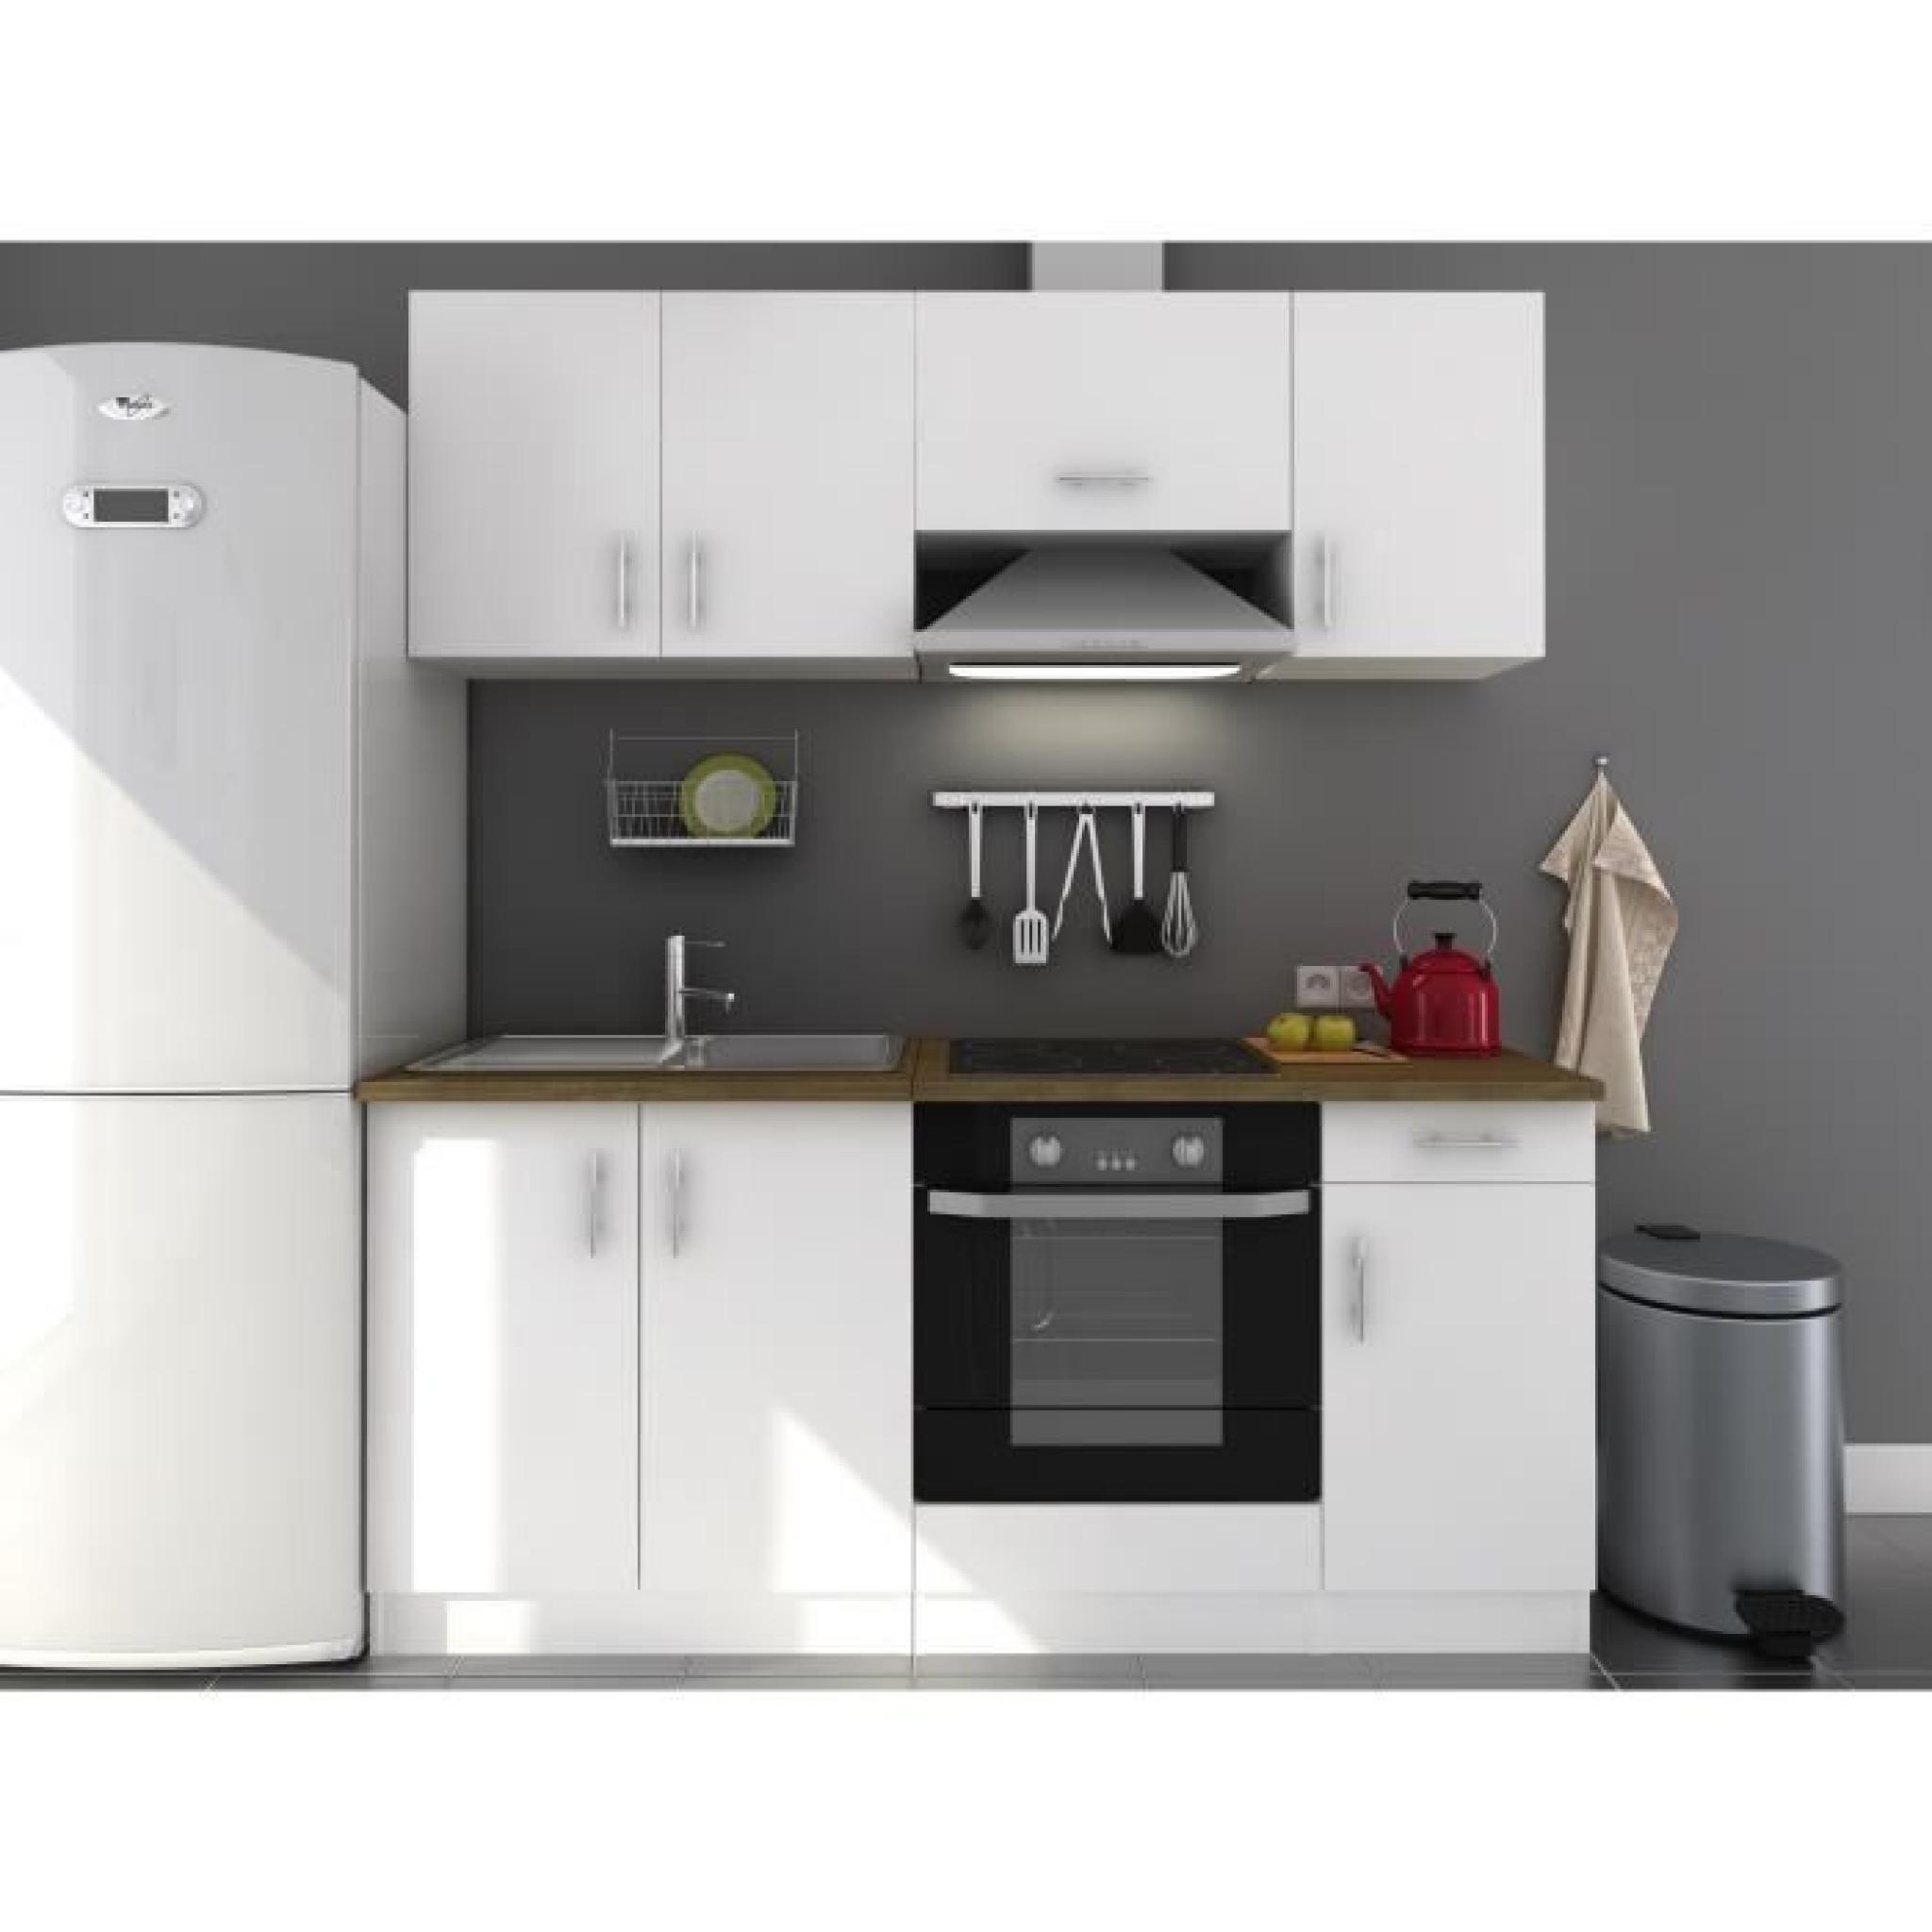 Evo cuisine compl te 1m80 blanc laqu haute brillance for Cuisine complete design